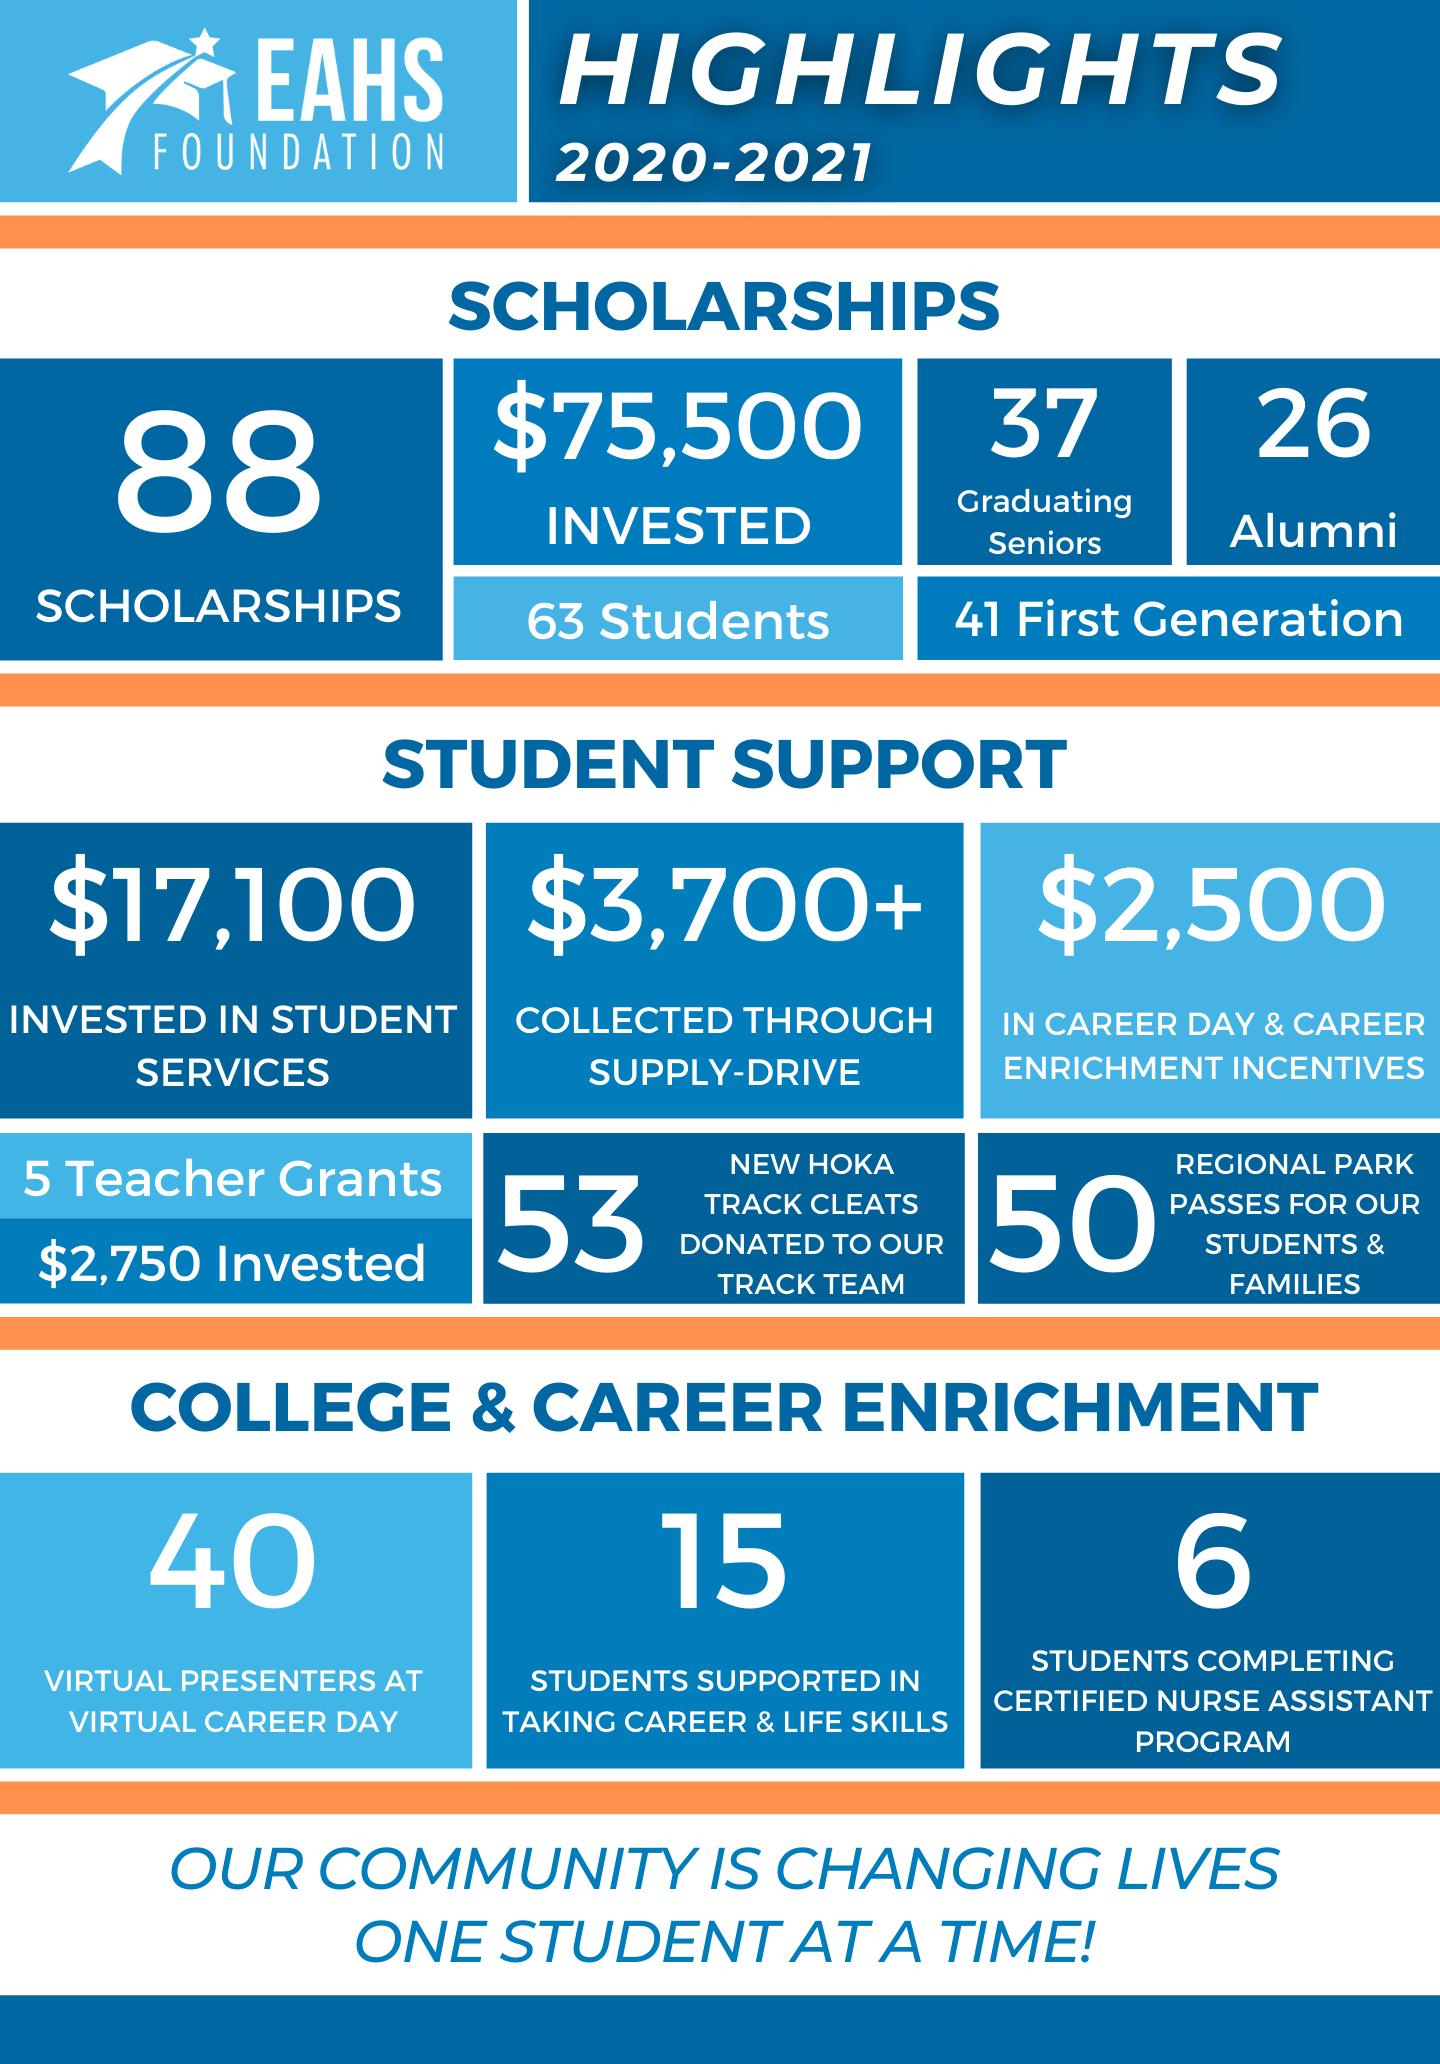 EAHS Foundation, 2020 - 2021 Highlights